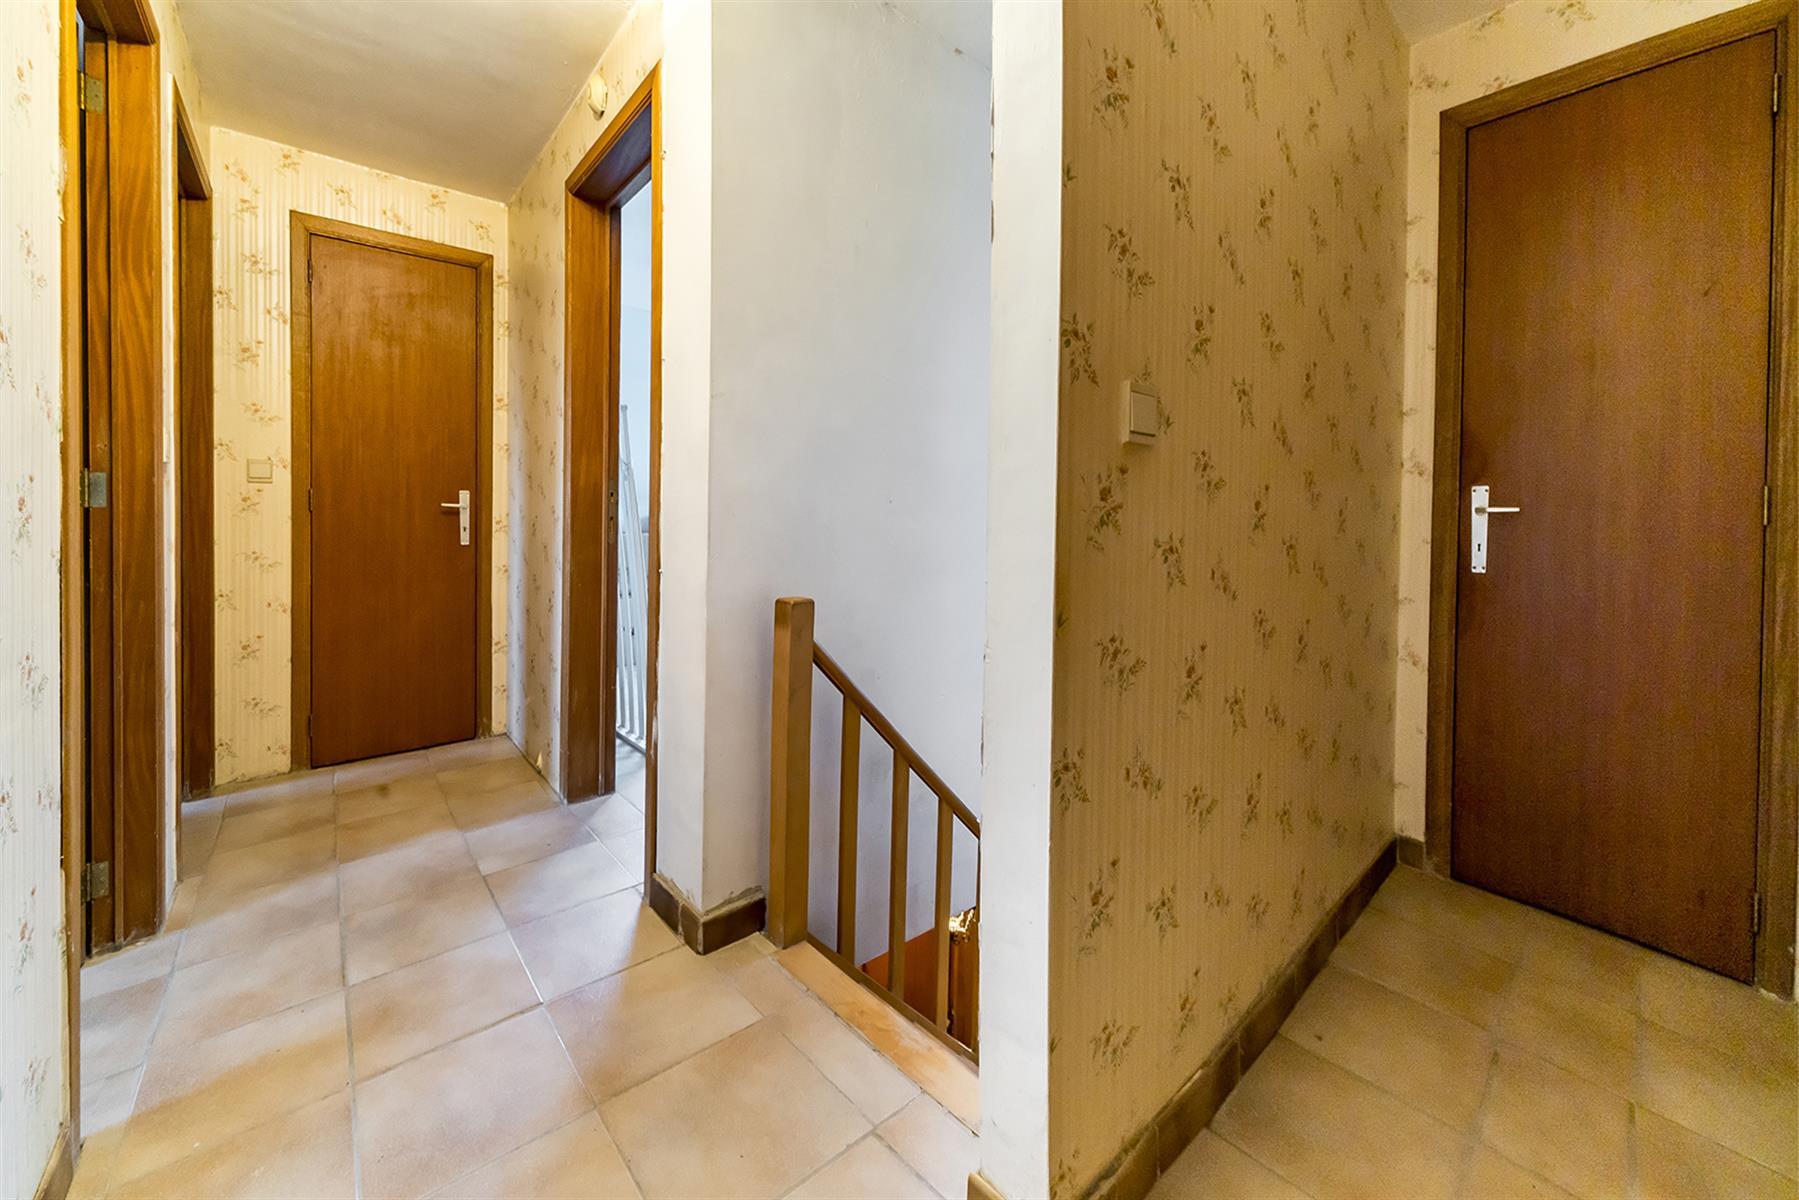 Maison unifamiliale - Orp-Jauche - #3623125-7